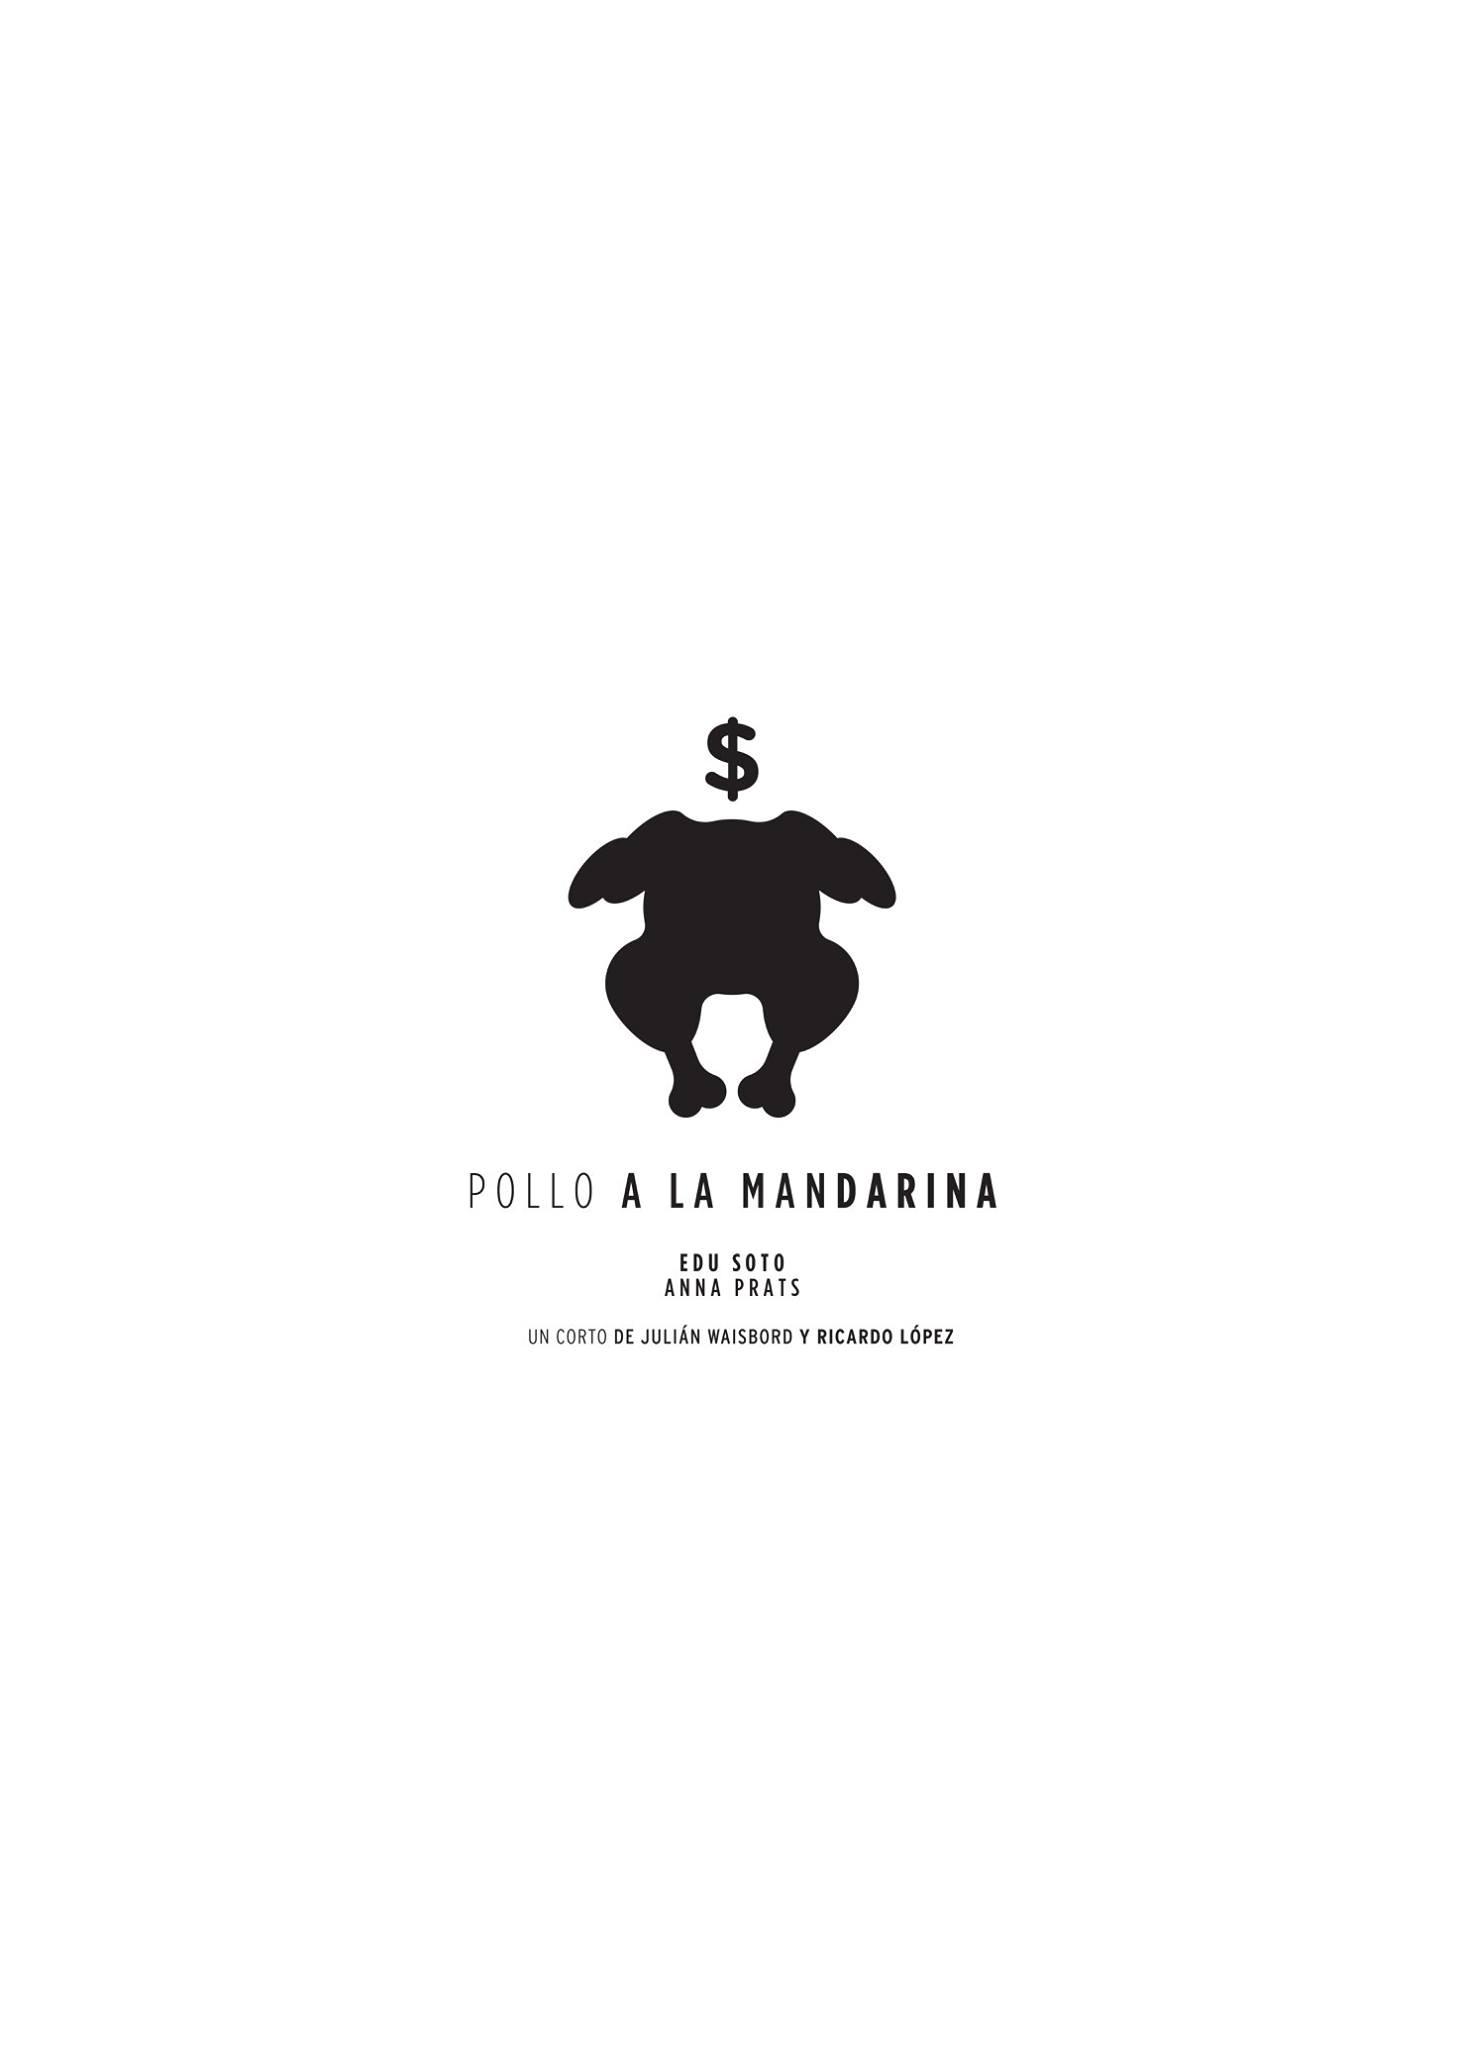 Pollo a la mandarina  (2014)